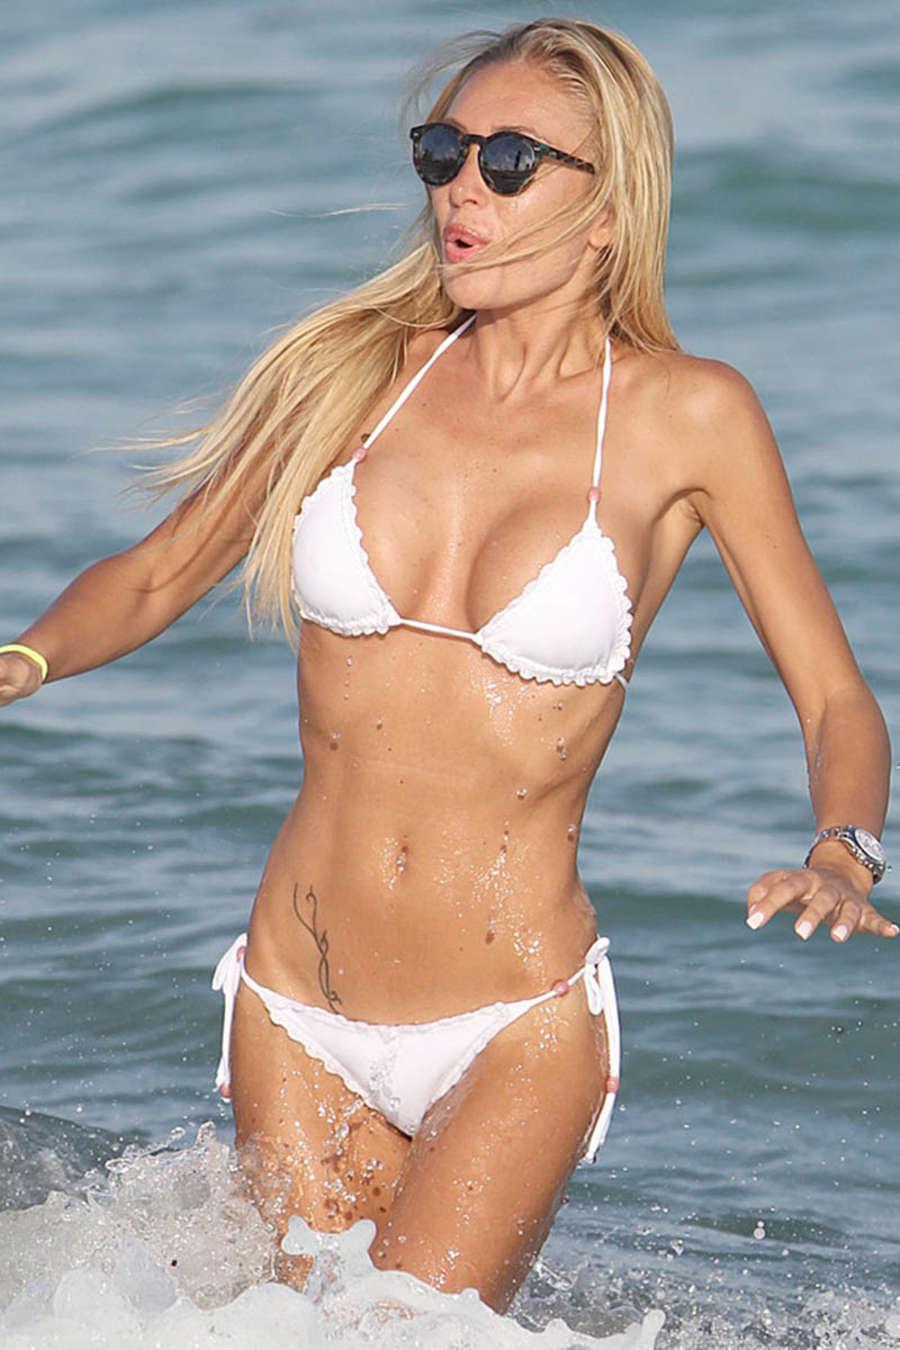 Laura Cremaschi in White Bikini on the Beach in Miami